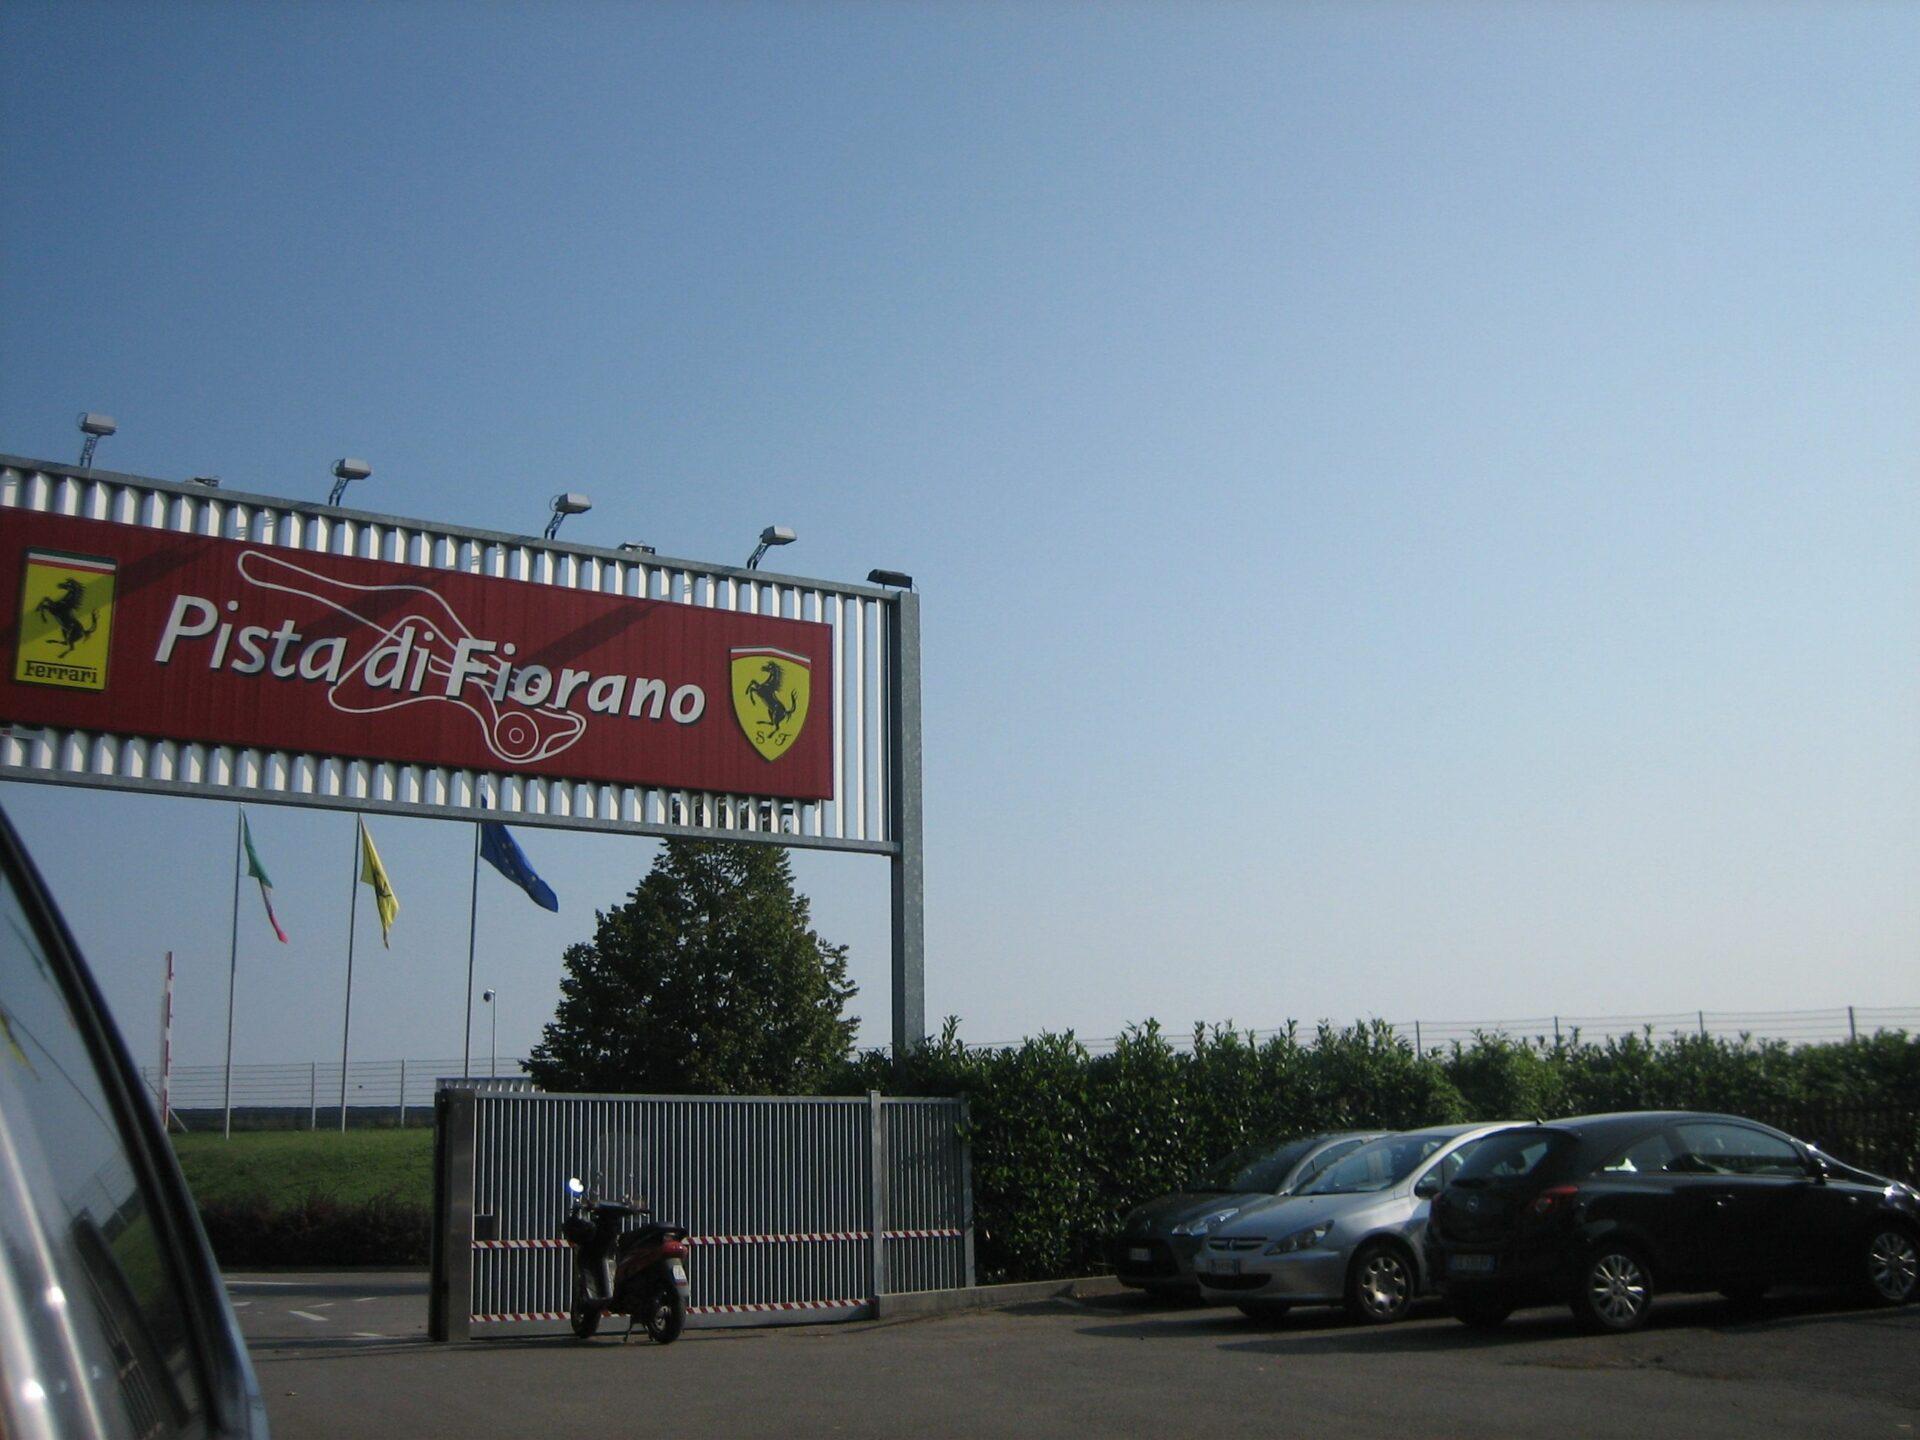 italia-fiorano pista Ferrari - eliporto 2